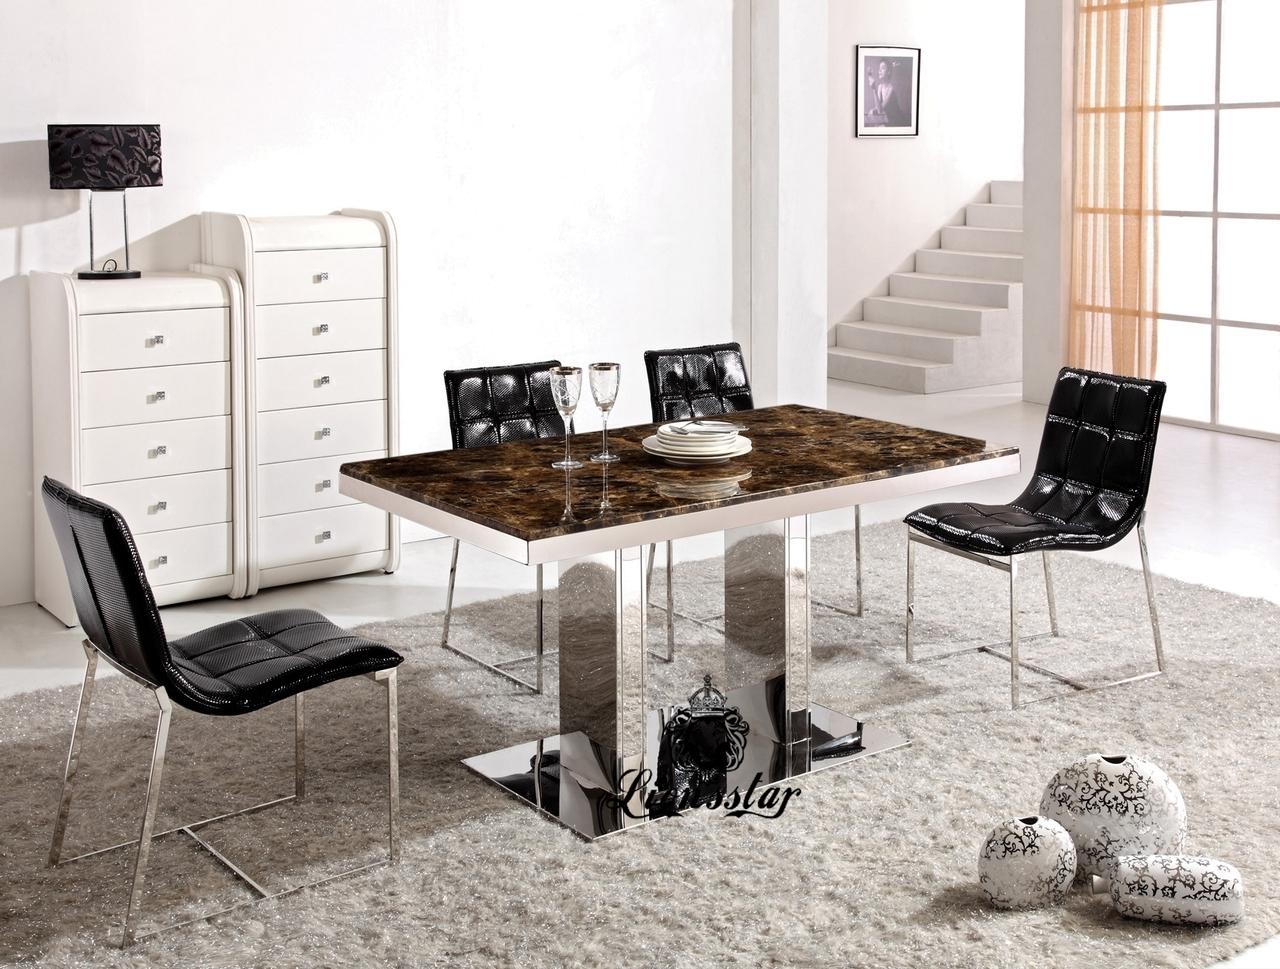 Design Tischset Braun